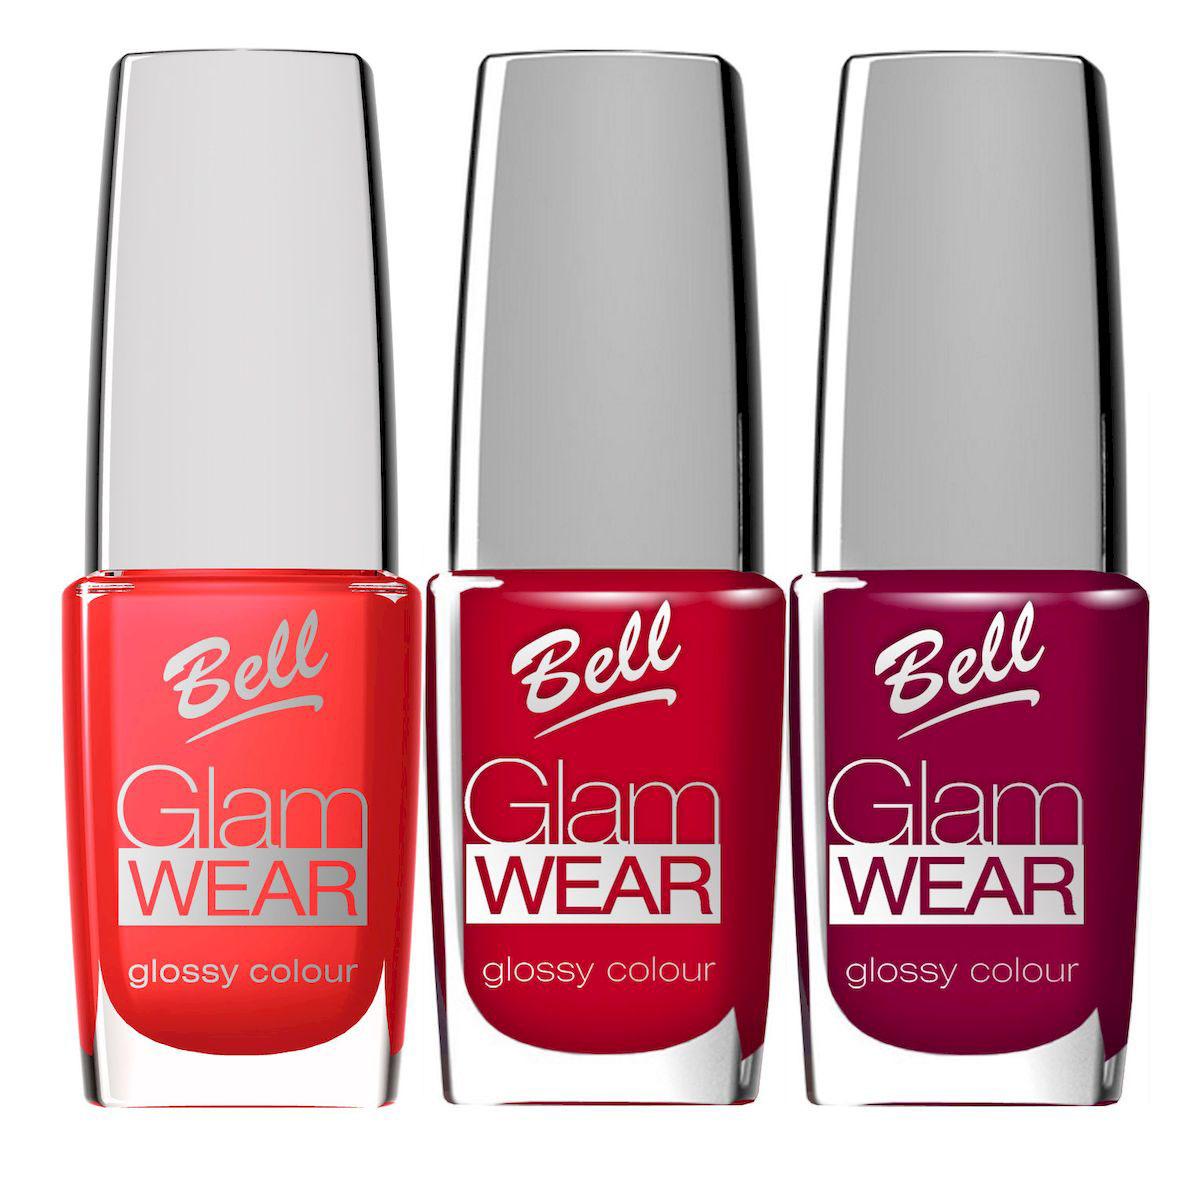 Bell Набор устойчивых лаков для ногтей с глянцевым эффектом Glam Wear Nail: тон №404 , тон №405, тон №406, 30 мл